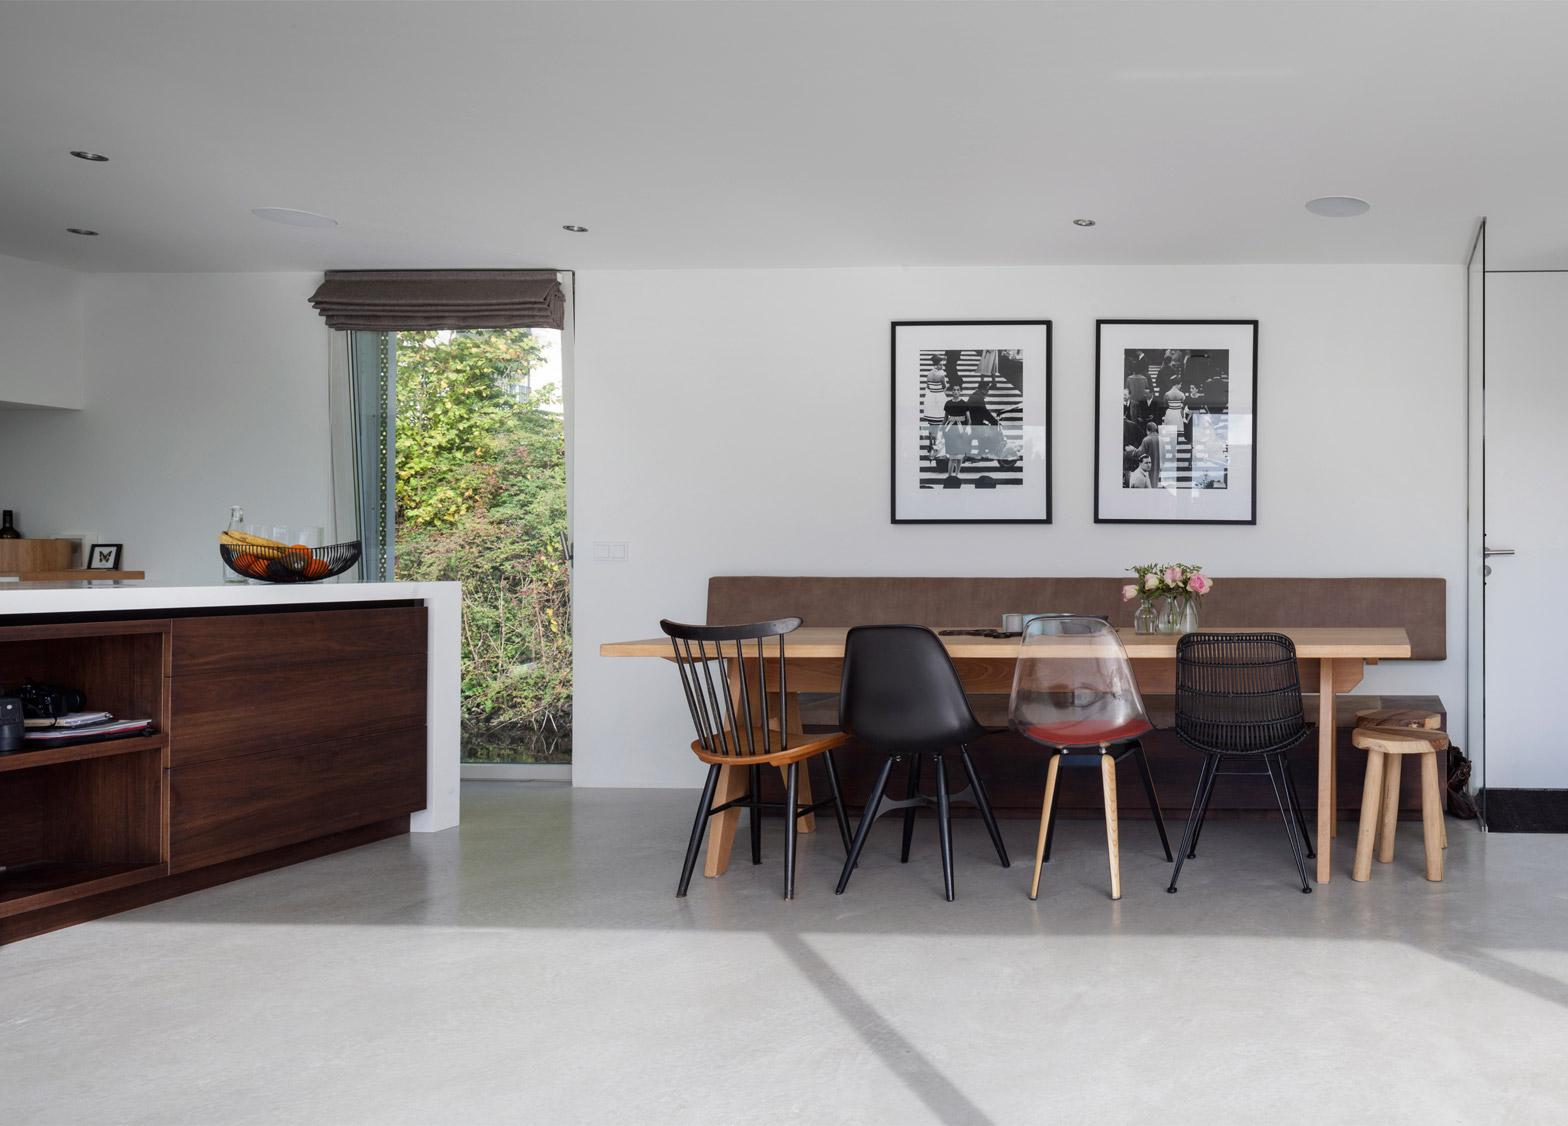 diseño minimalista de la casa